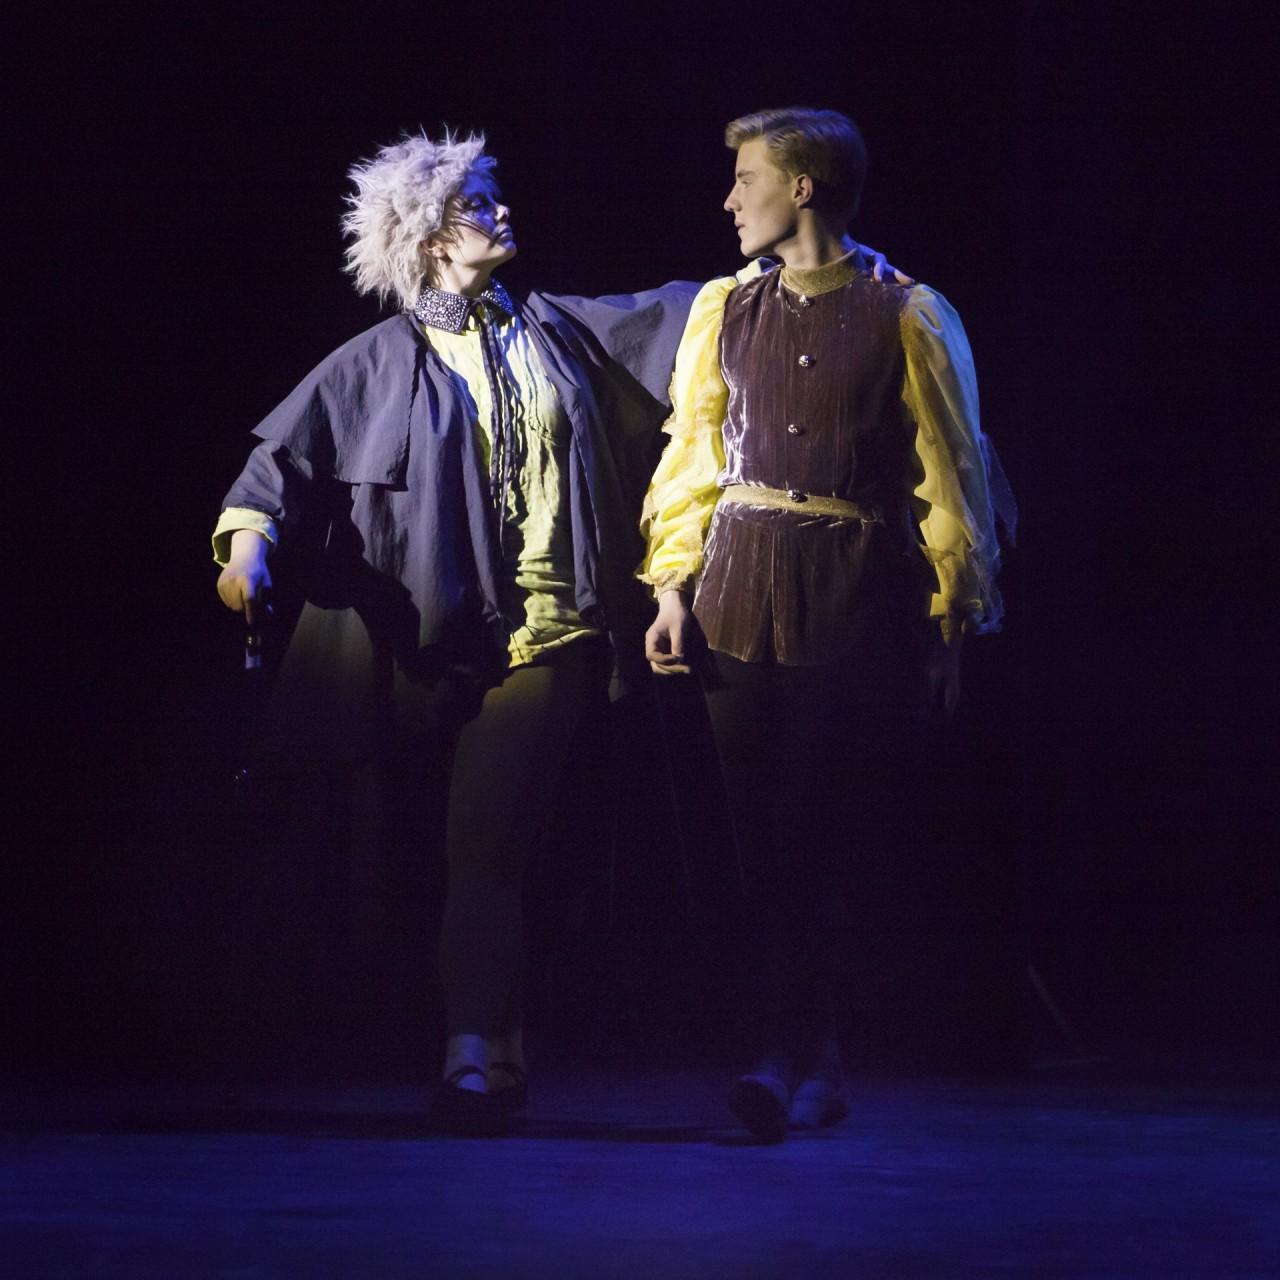 dansen ballet van den Ende (10 van 17)